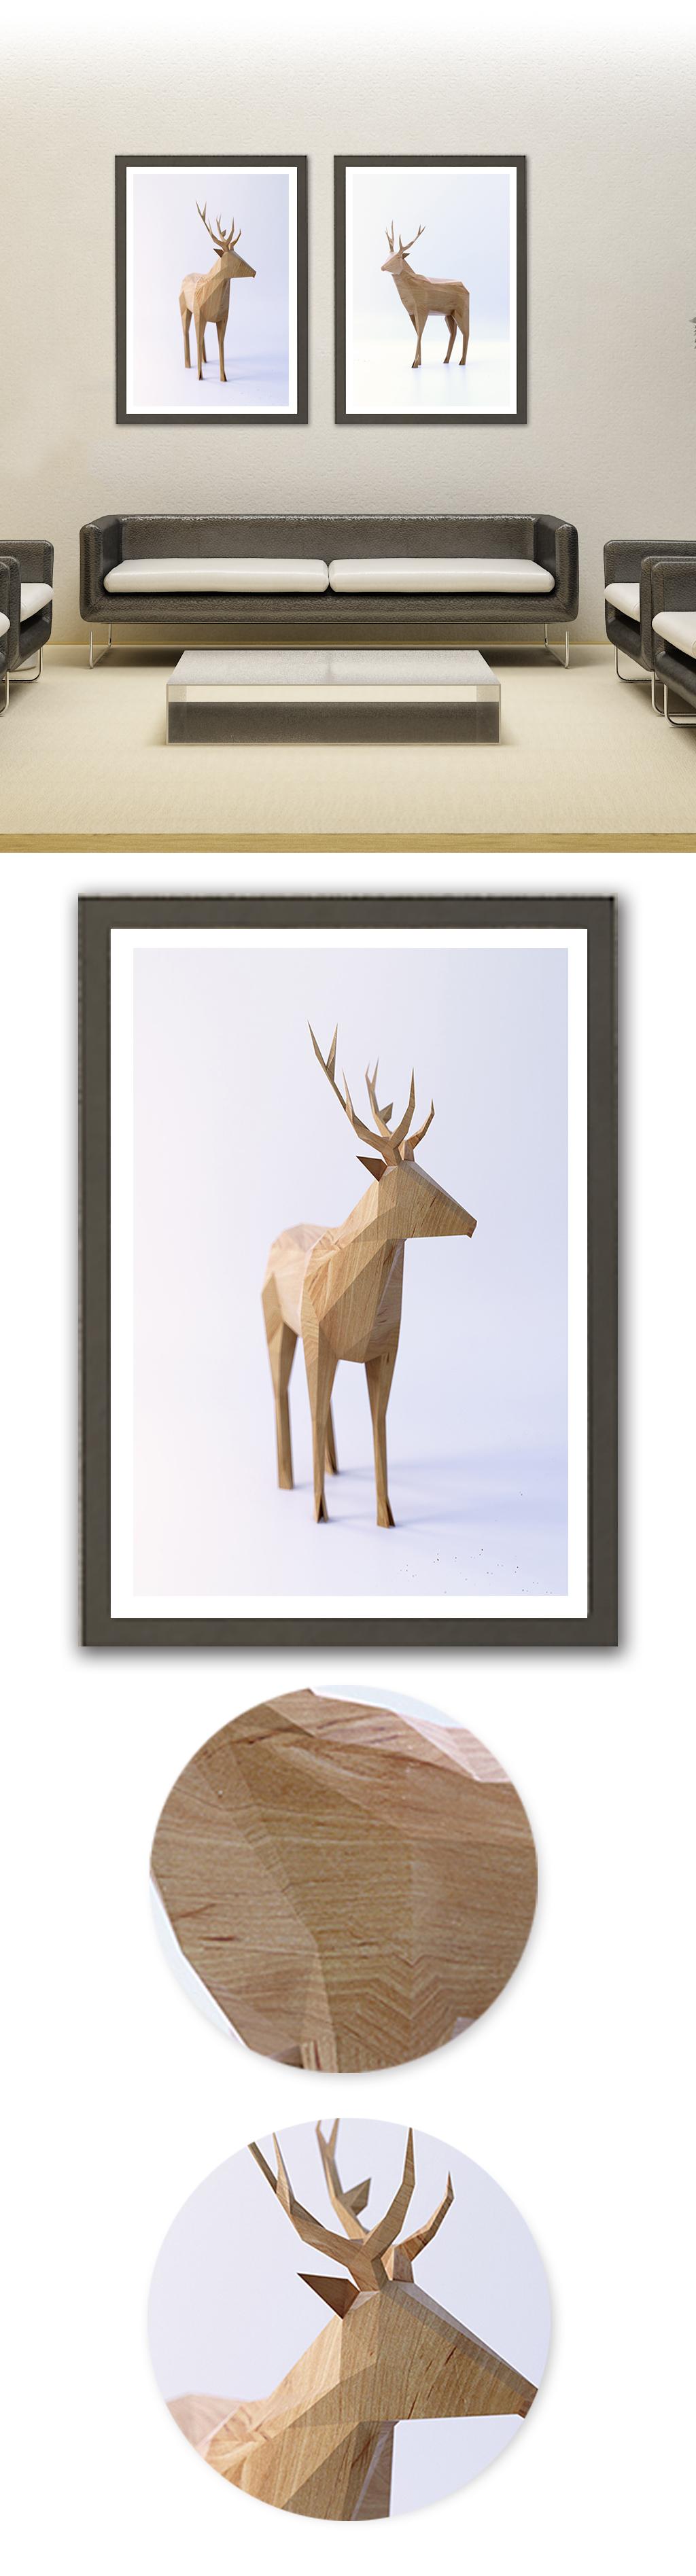 现代简约木雕鹿装饰画